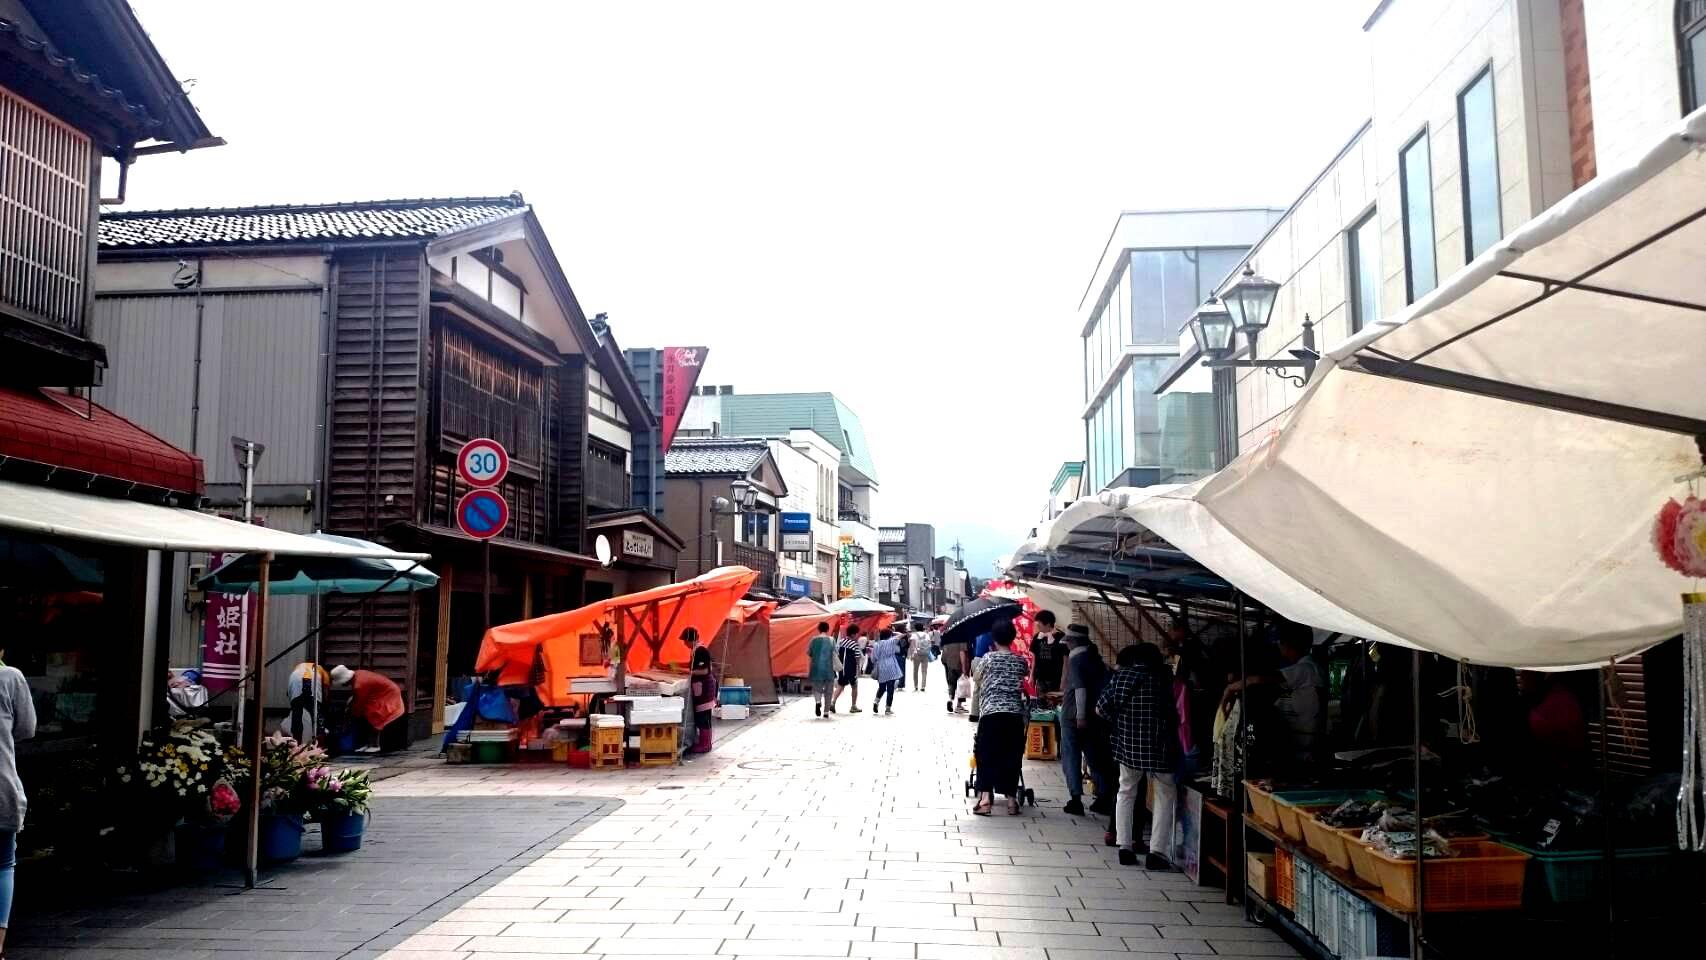 今日の輪島朝市|本日23日は重蔵神社大祭(河井町)が行われます。